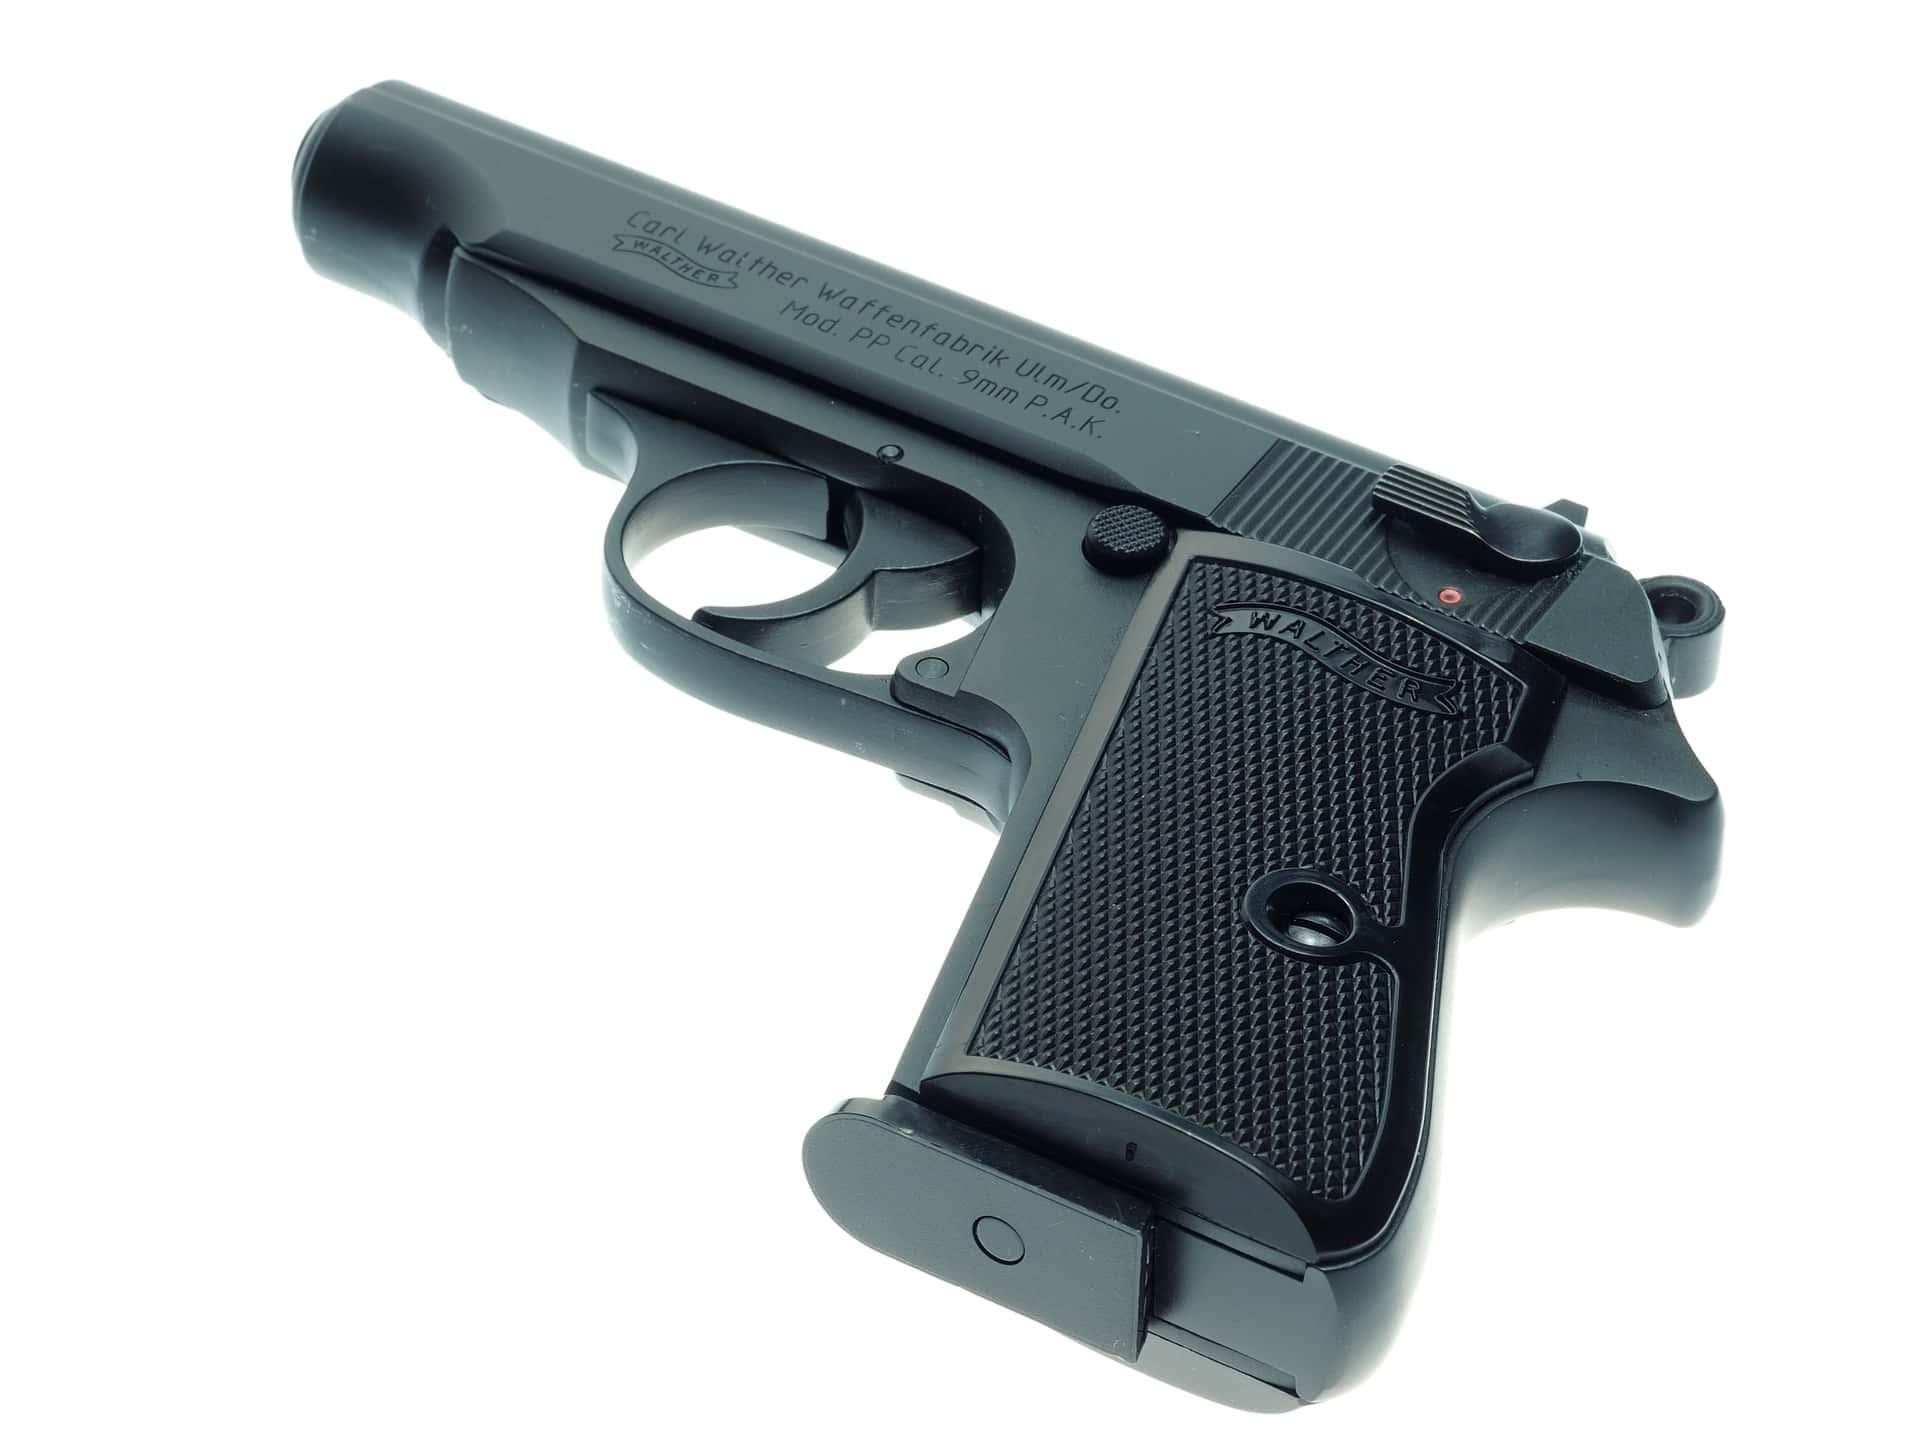 pistol-946398_1920.jpg